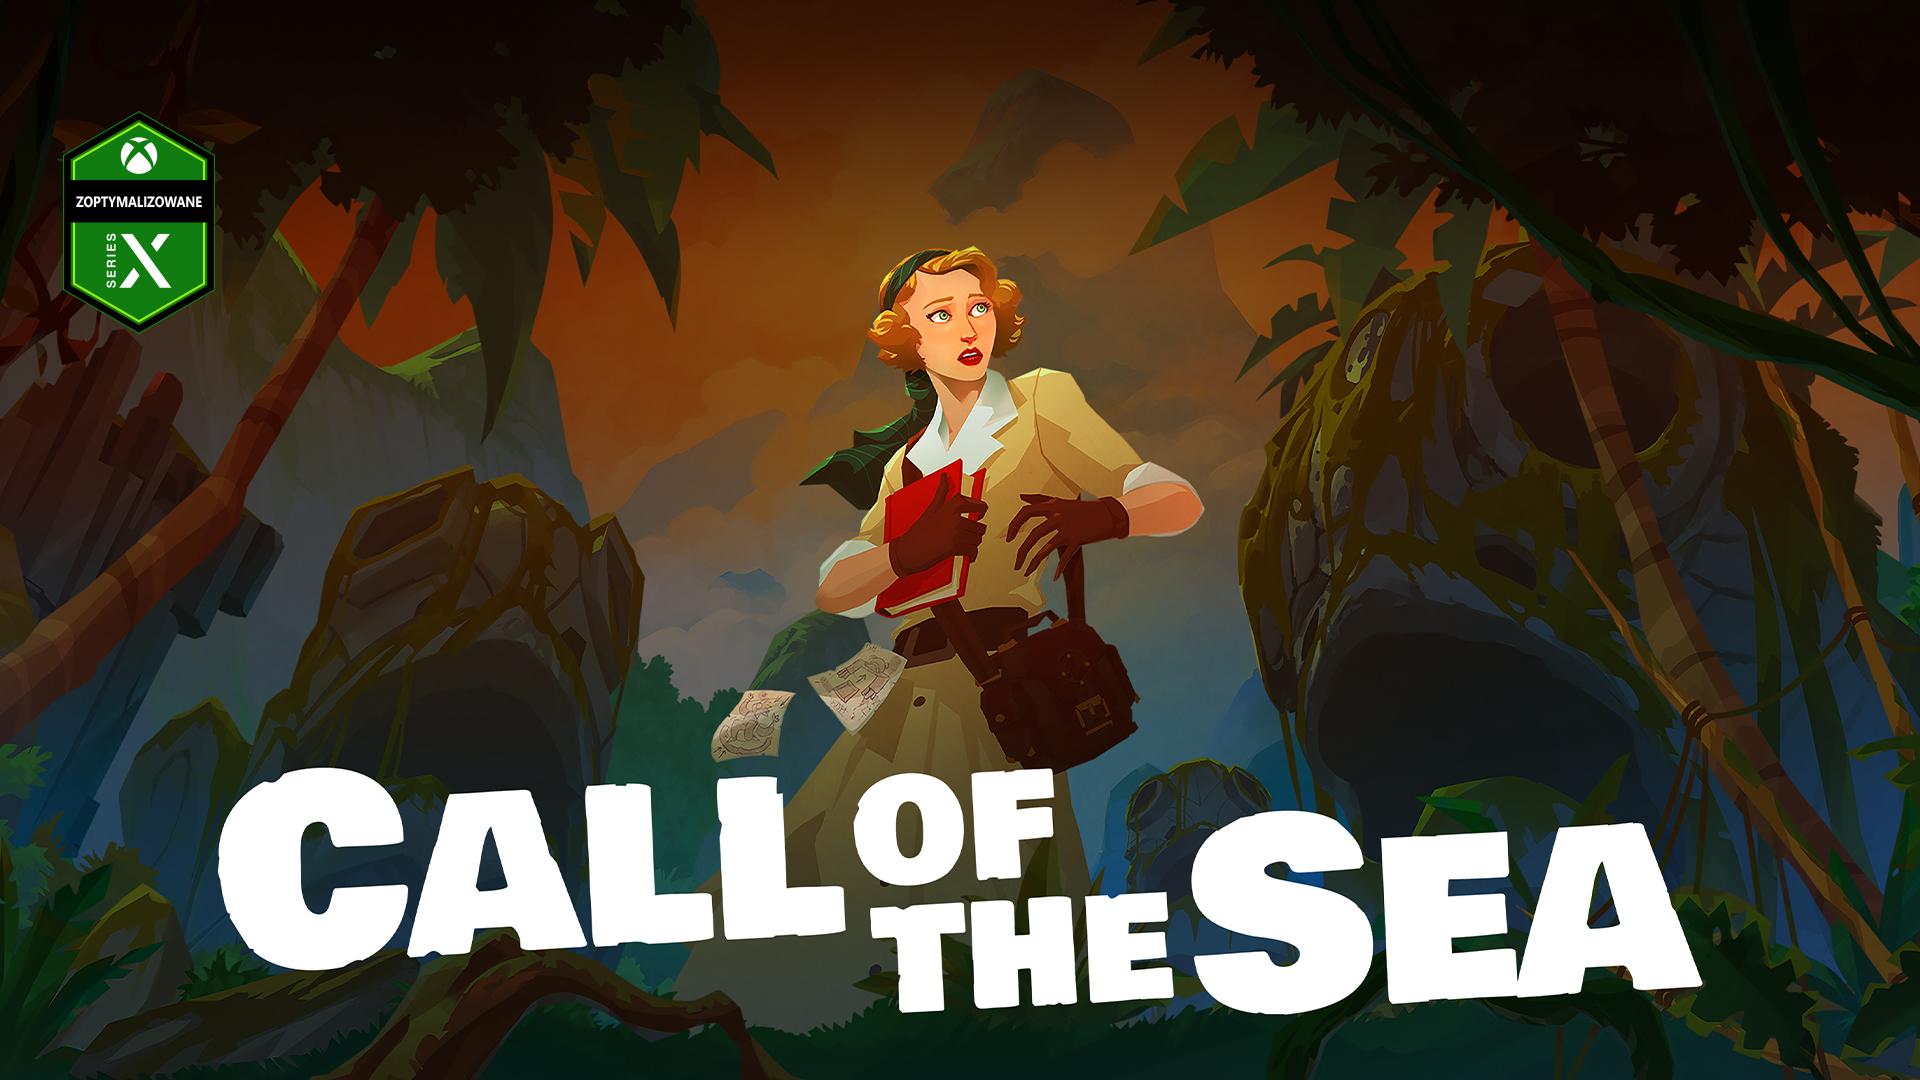 Logo Zoptymalizowane dla Series X, Call of the Sea, Norah w dżungli